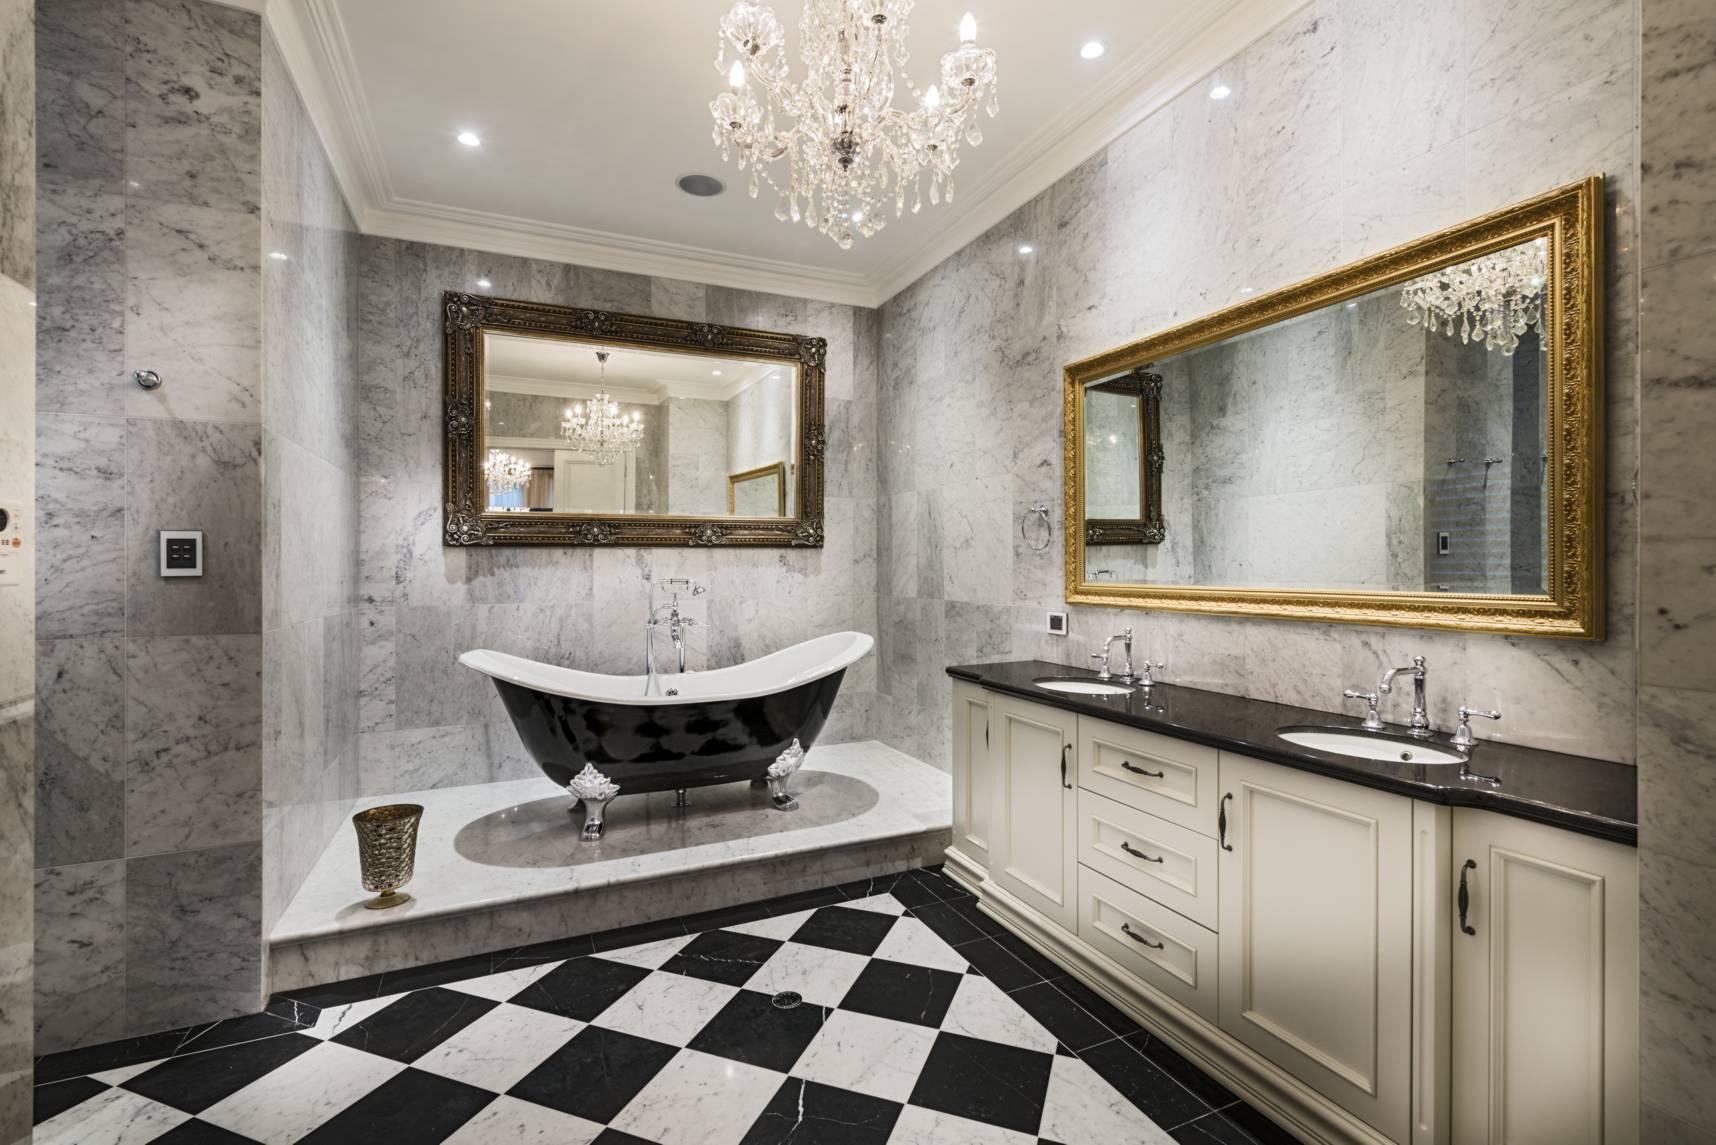 Дизайн ванной комнаты в частном доме с кафельной плиткой